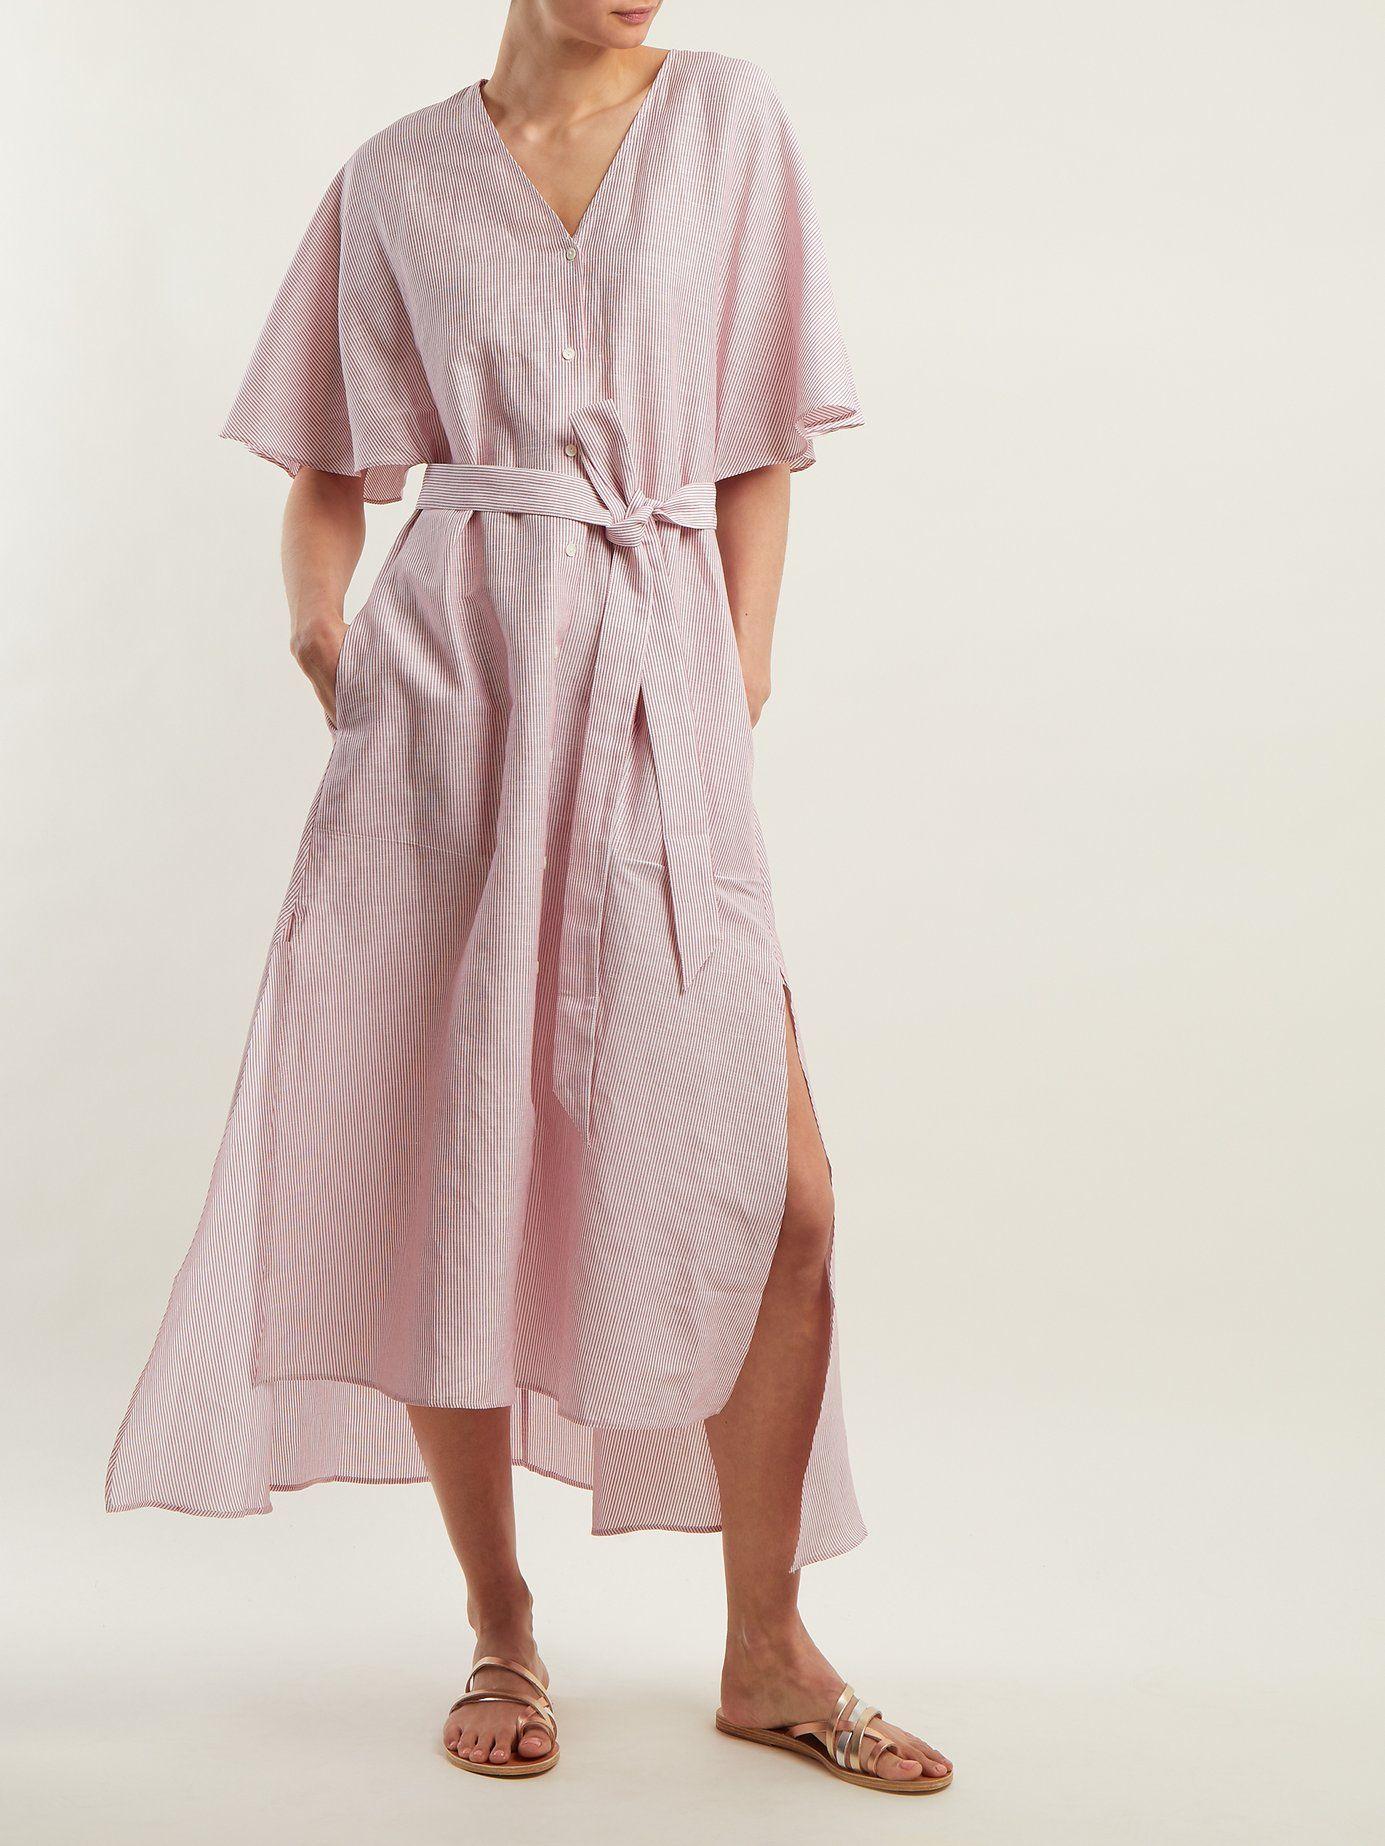 Striped linen and cotton-blend dress Palmer//harding TzeeESBds